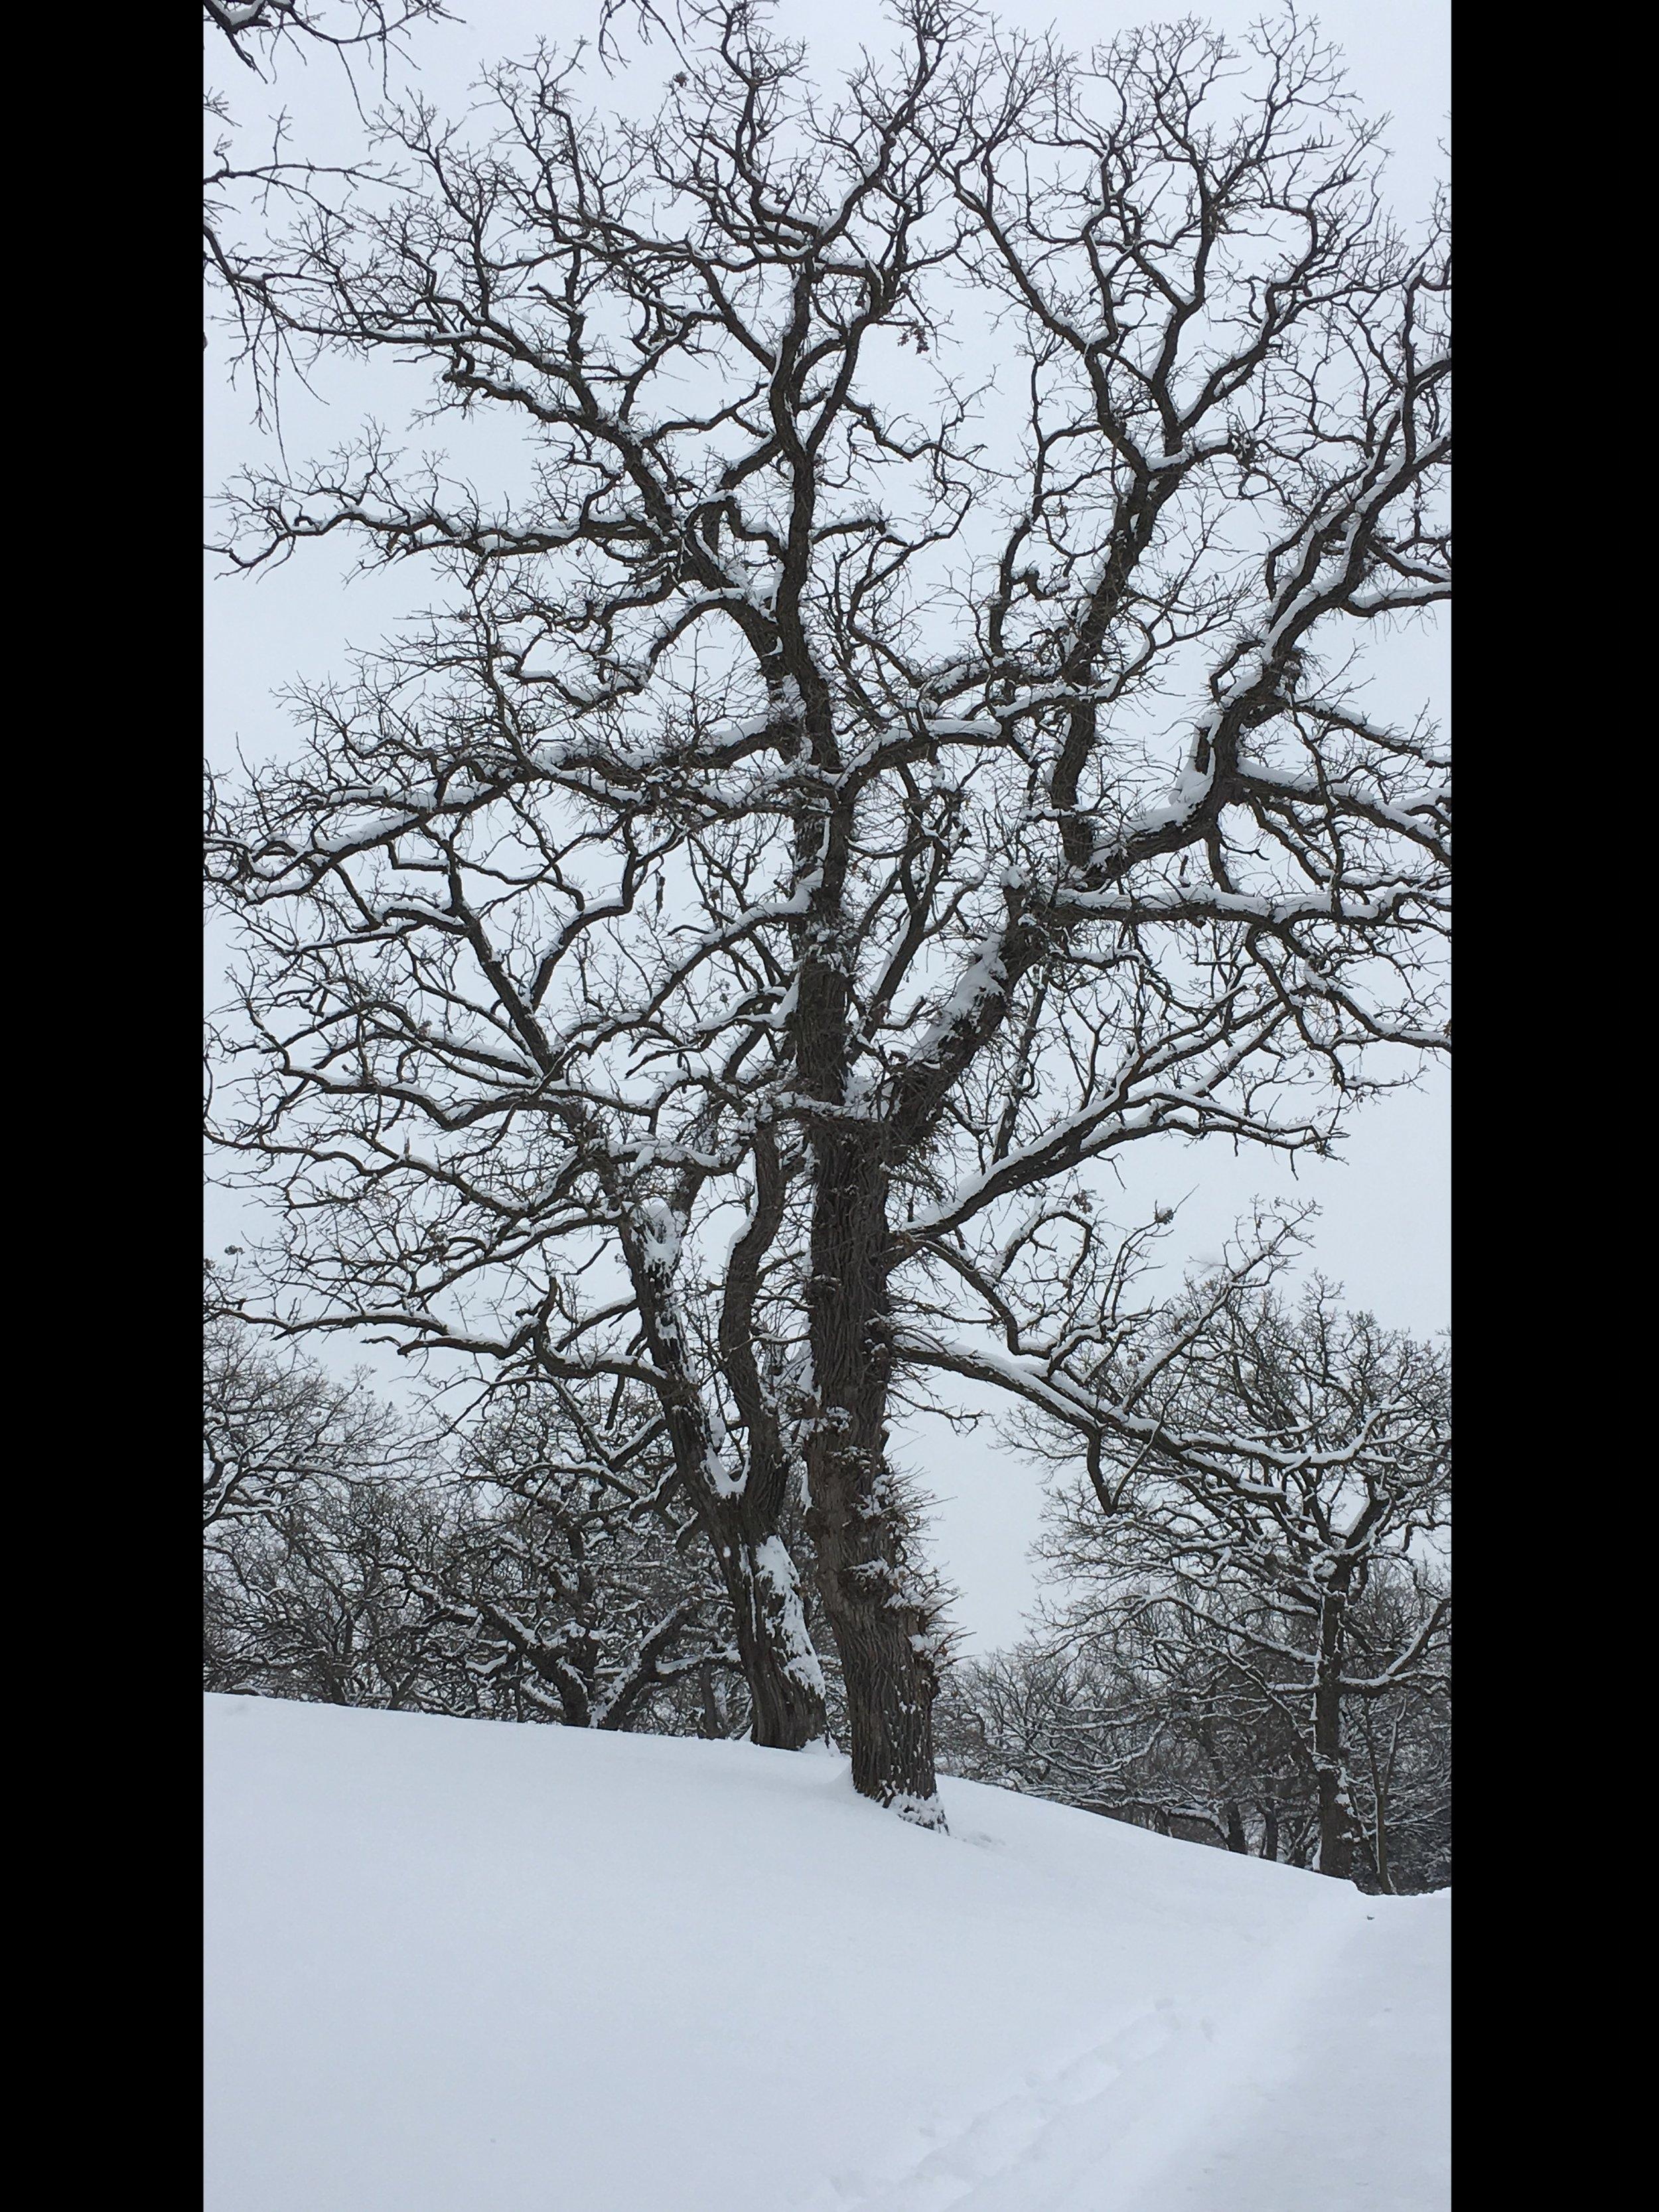 2016-12-11 14.28.44.jpg